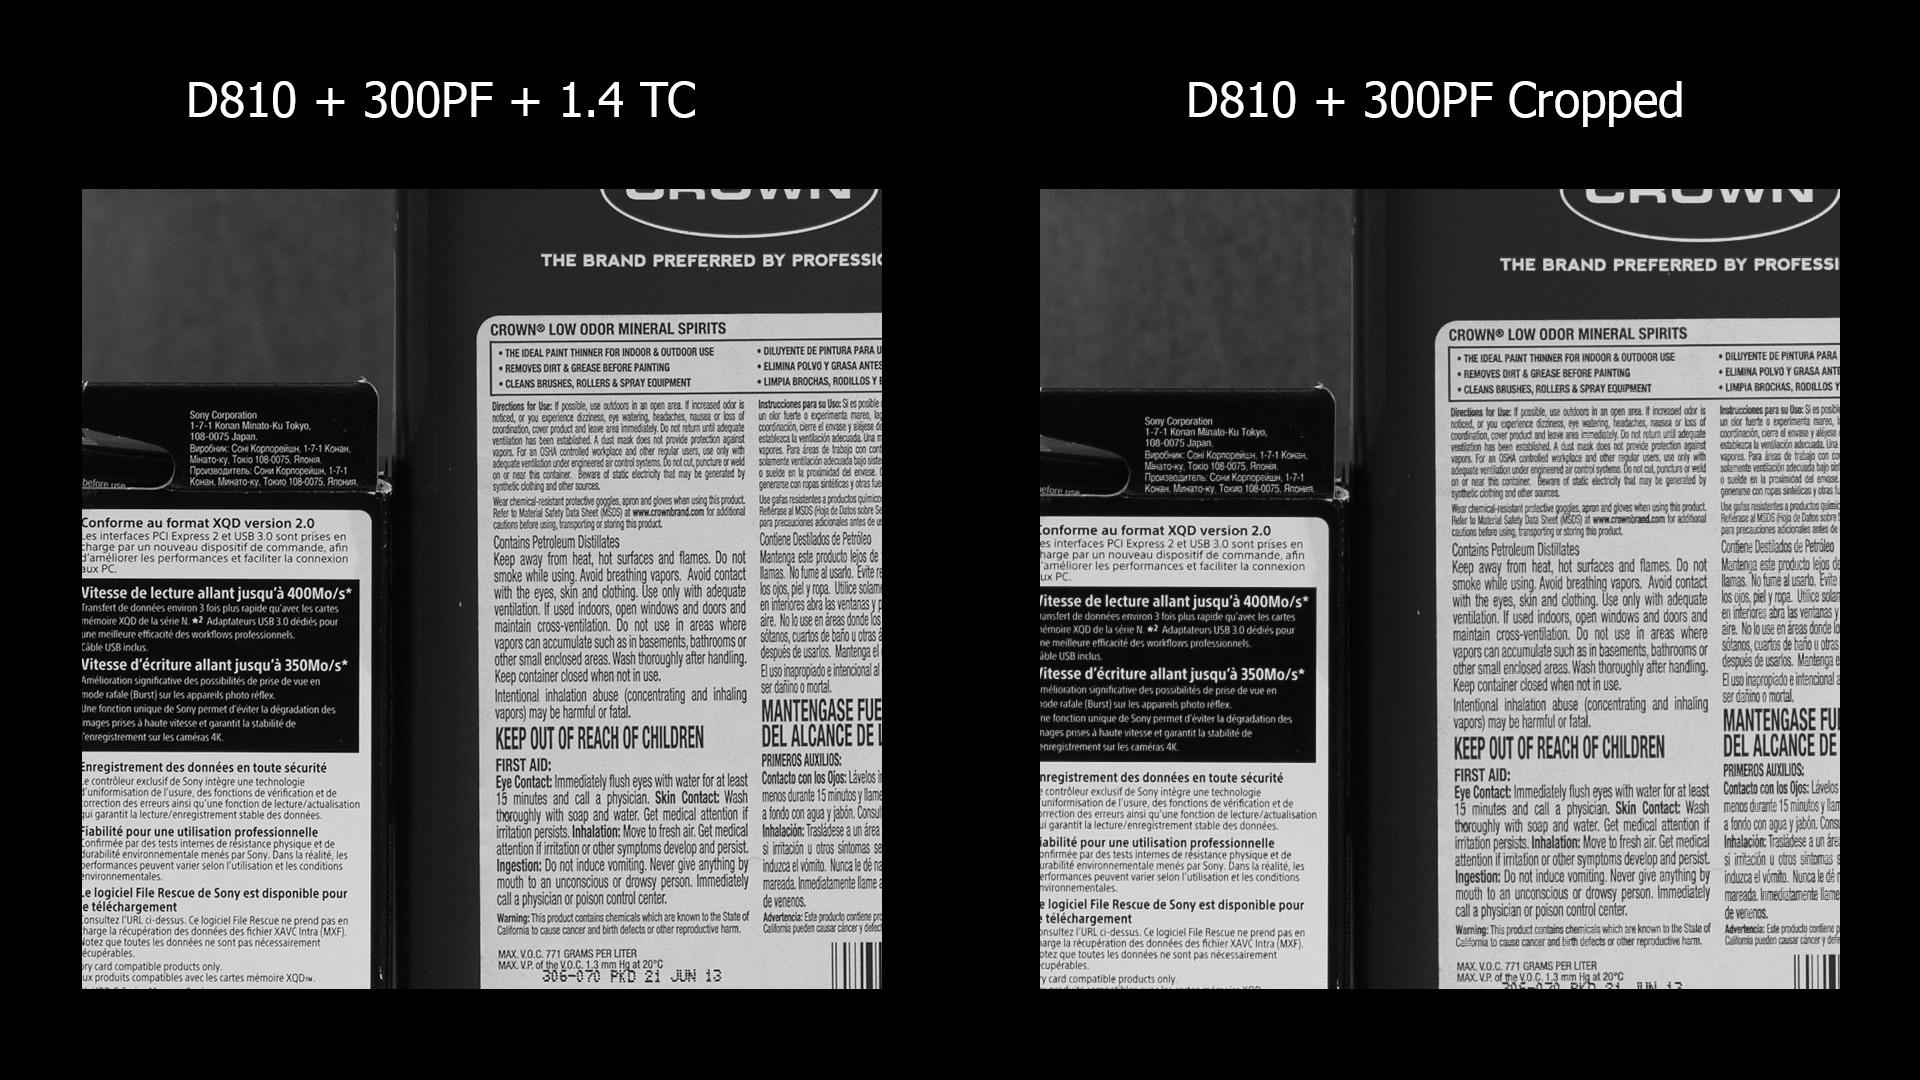 tc-examples-cropvtc-d810